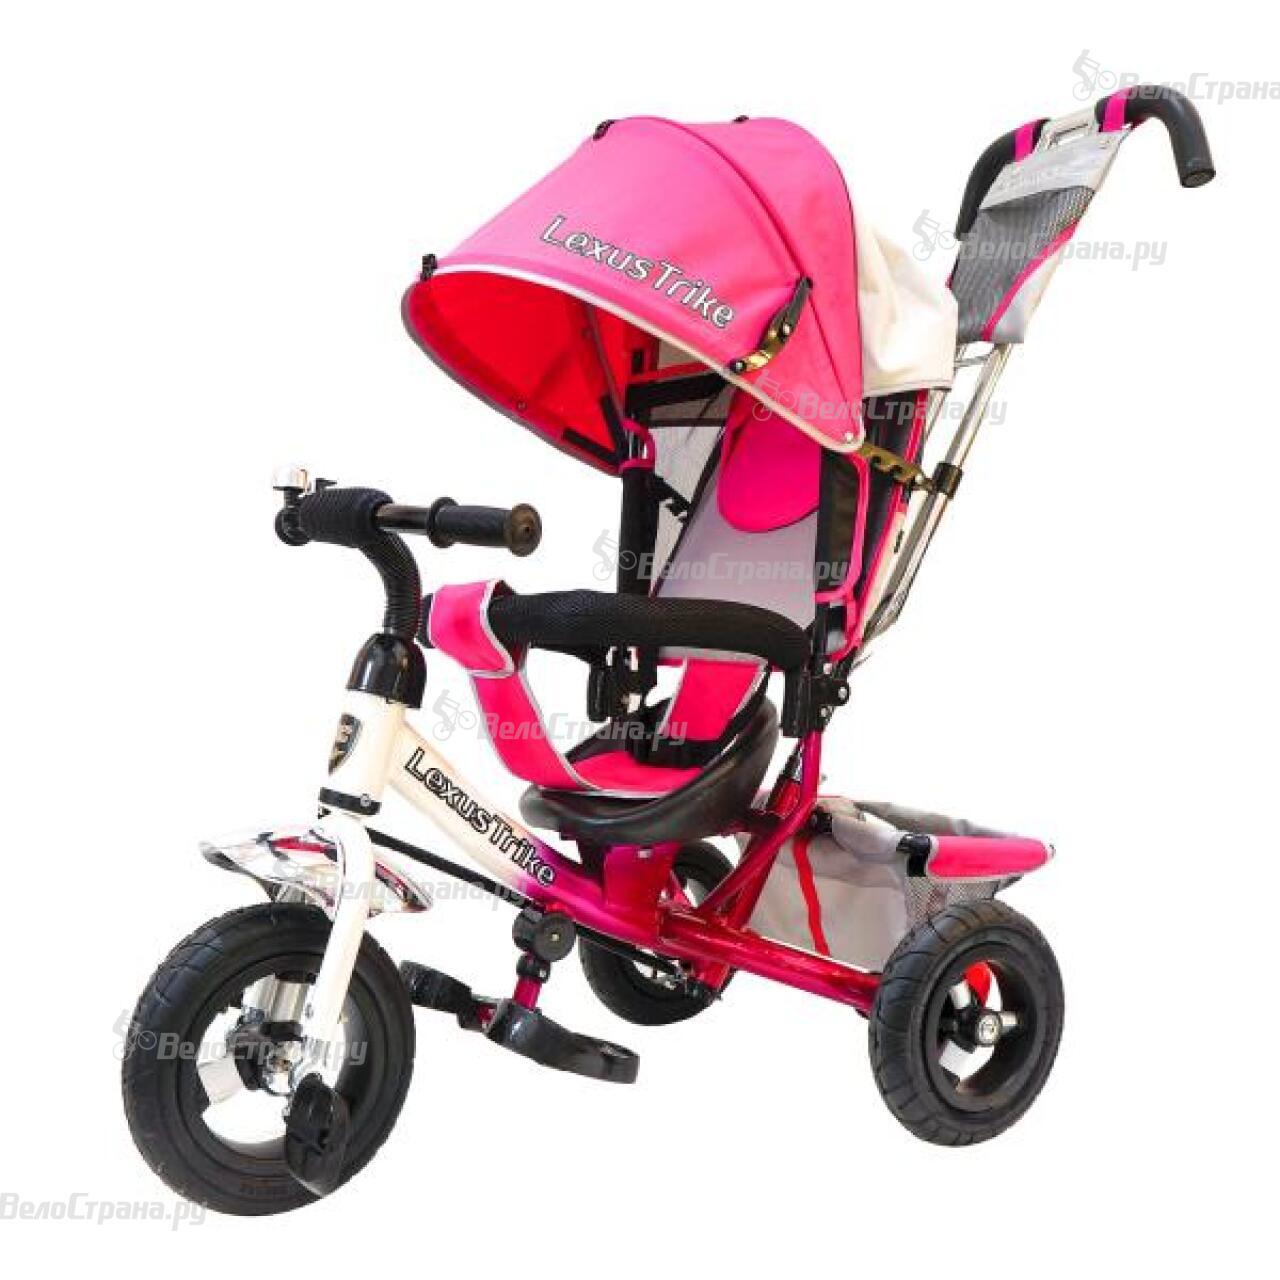 цена на детский велосипед лексус в георгиевске нержавеющей стали